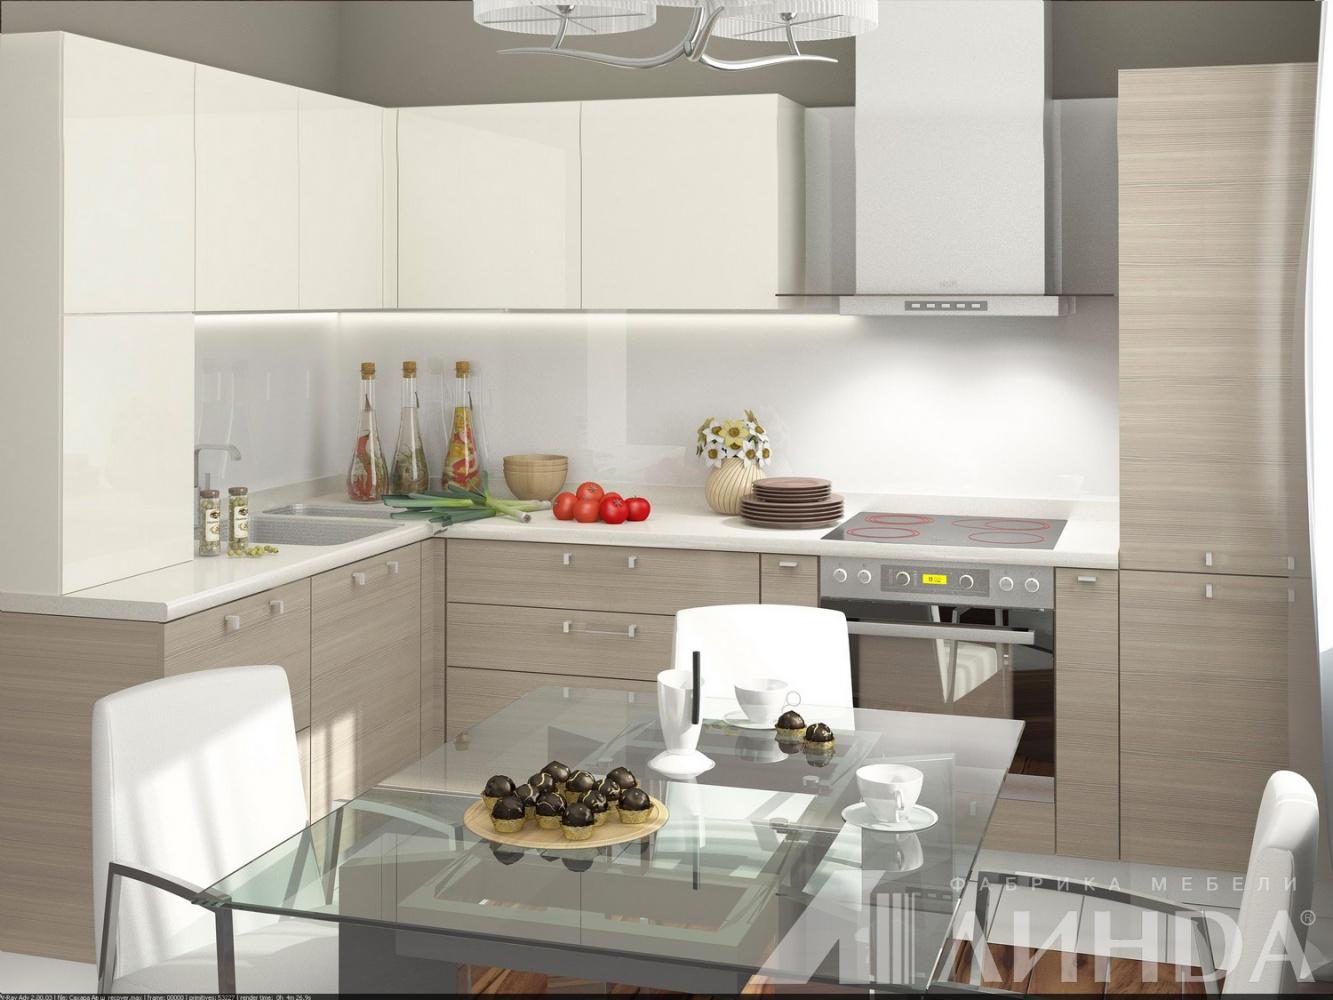 Cucine Bianche Laccate Ikea: Ikea Mobili E Accessori Per La Casa  #A72D24 1333 1000 Sala Da Pranzo Umbertina